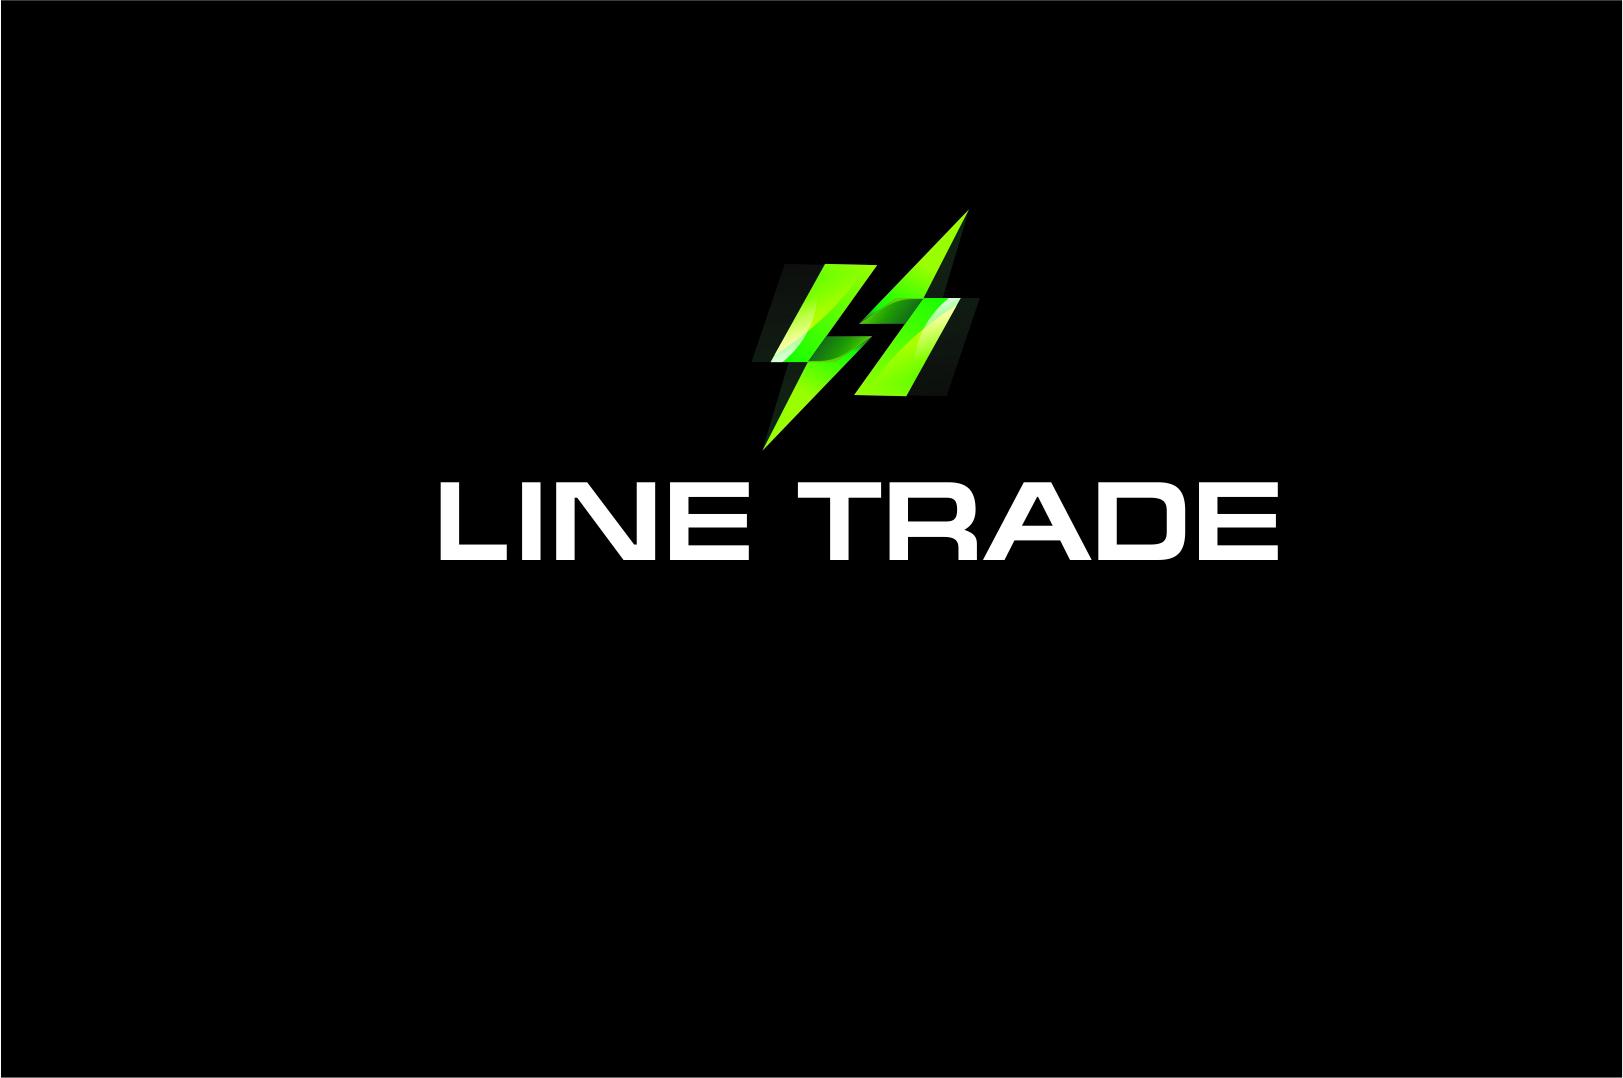 Разработка логотипа компании Line Trade фото f_98550f9085cc1c8c.jpg